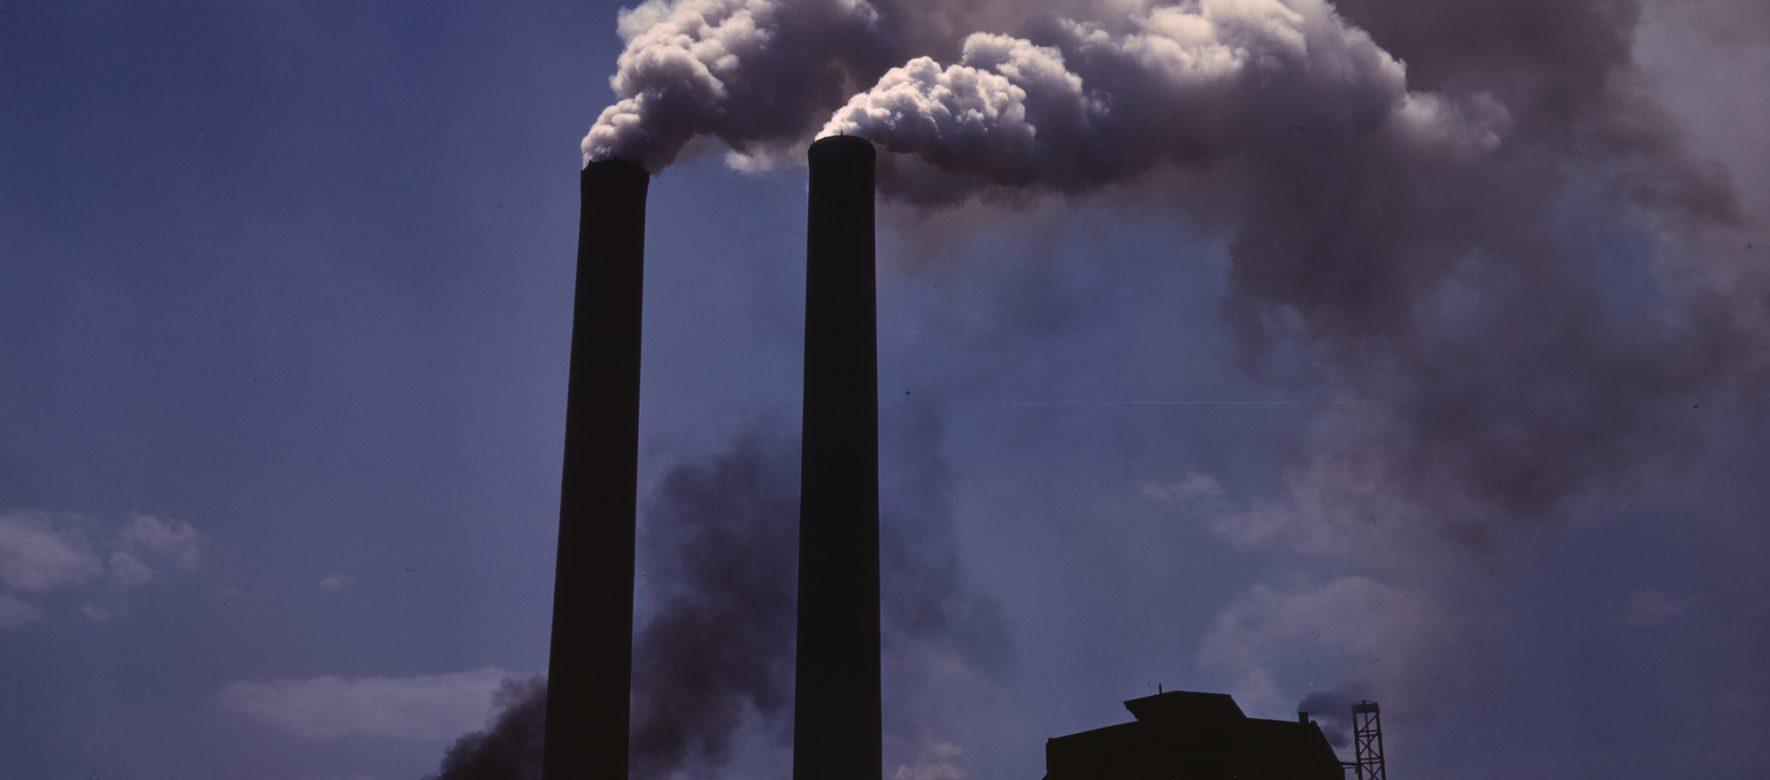 Au Maroc, la pollution coûte 920 millions d'euros par an